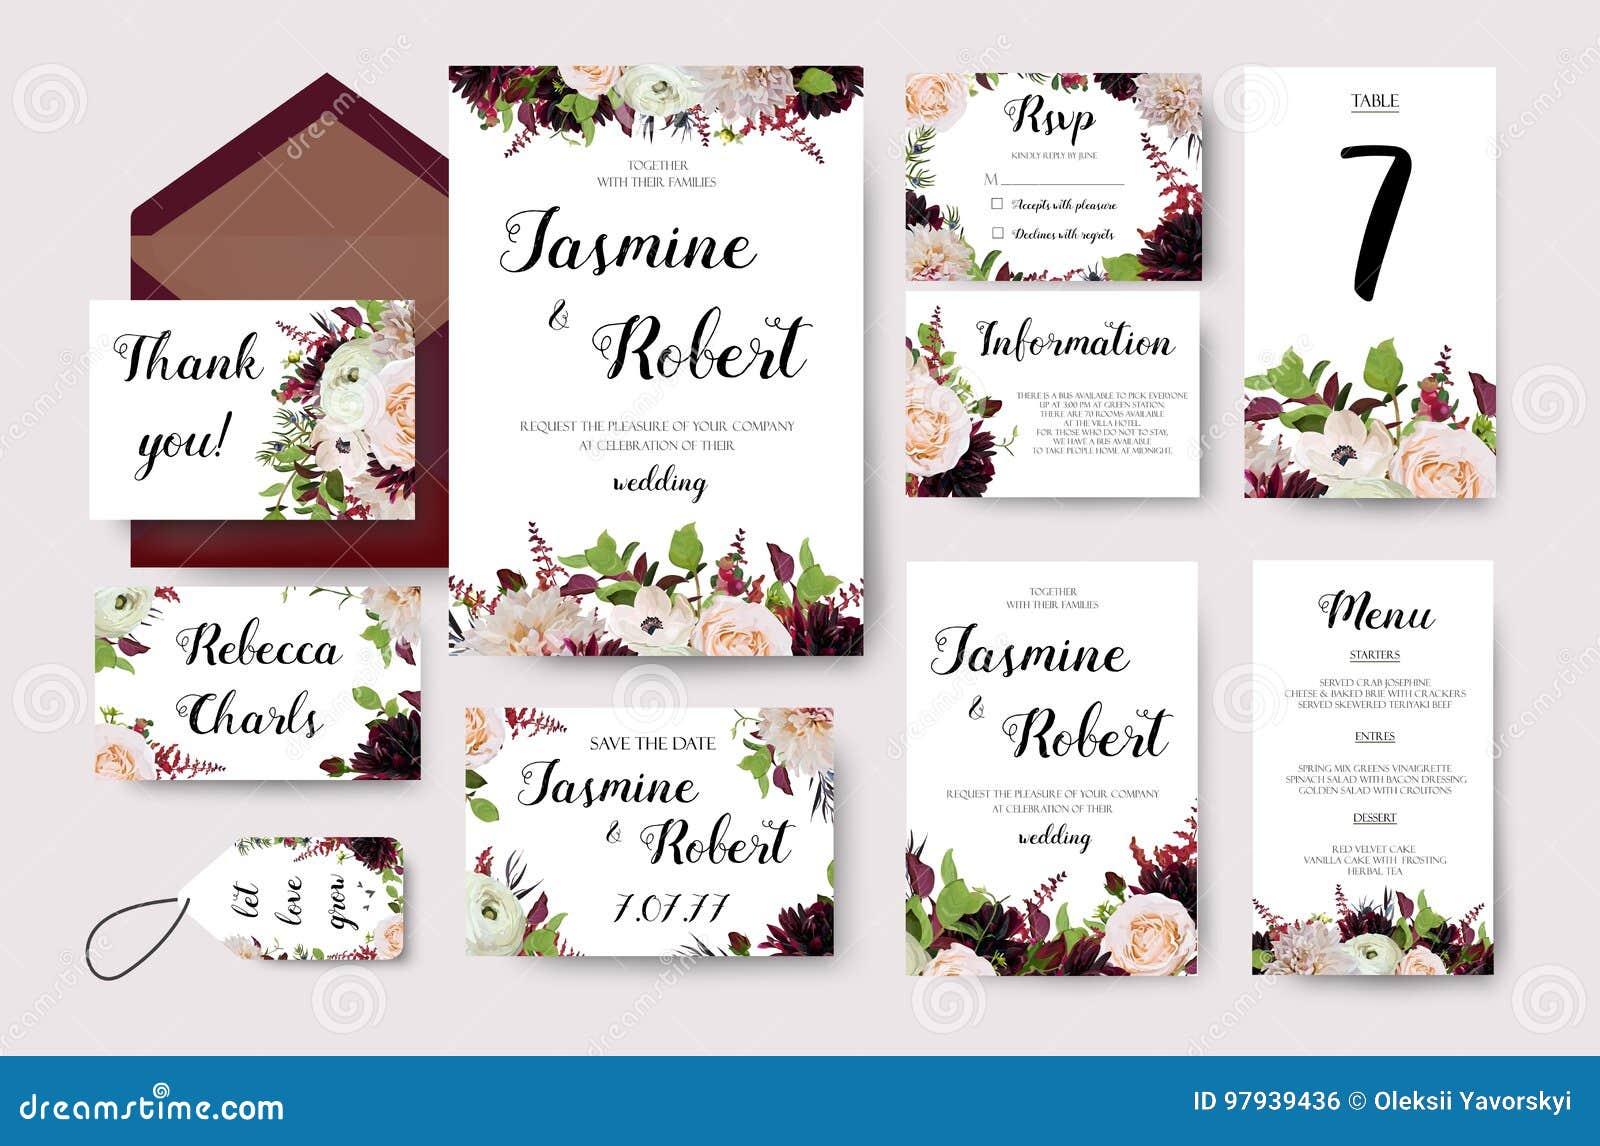 Hochzeitseinladungsblume laden Kartendesign mit Gartenpfirsich ein